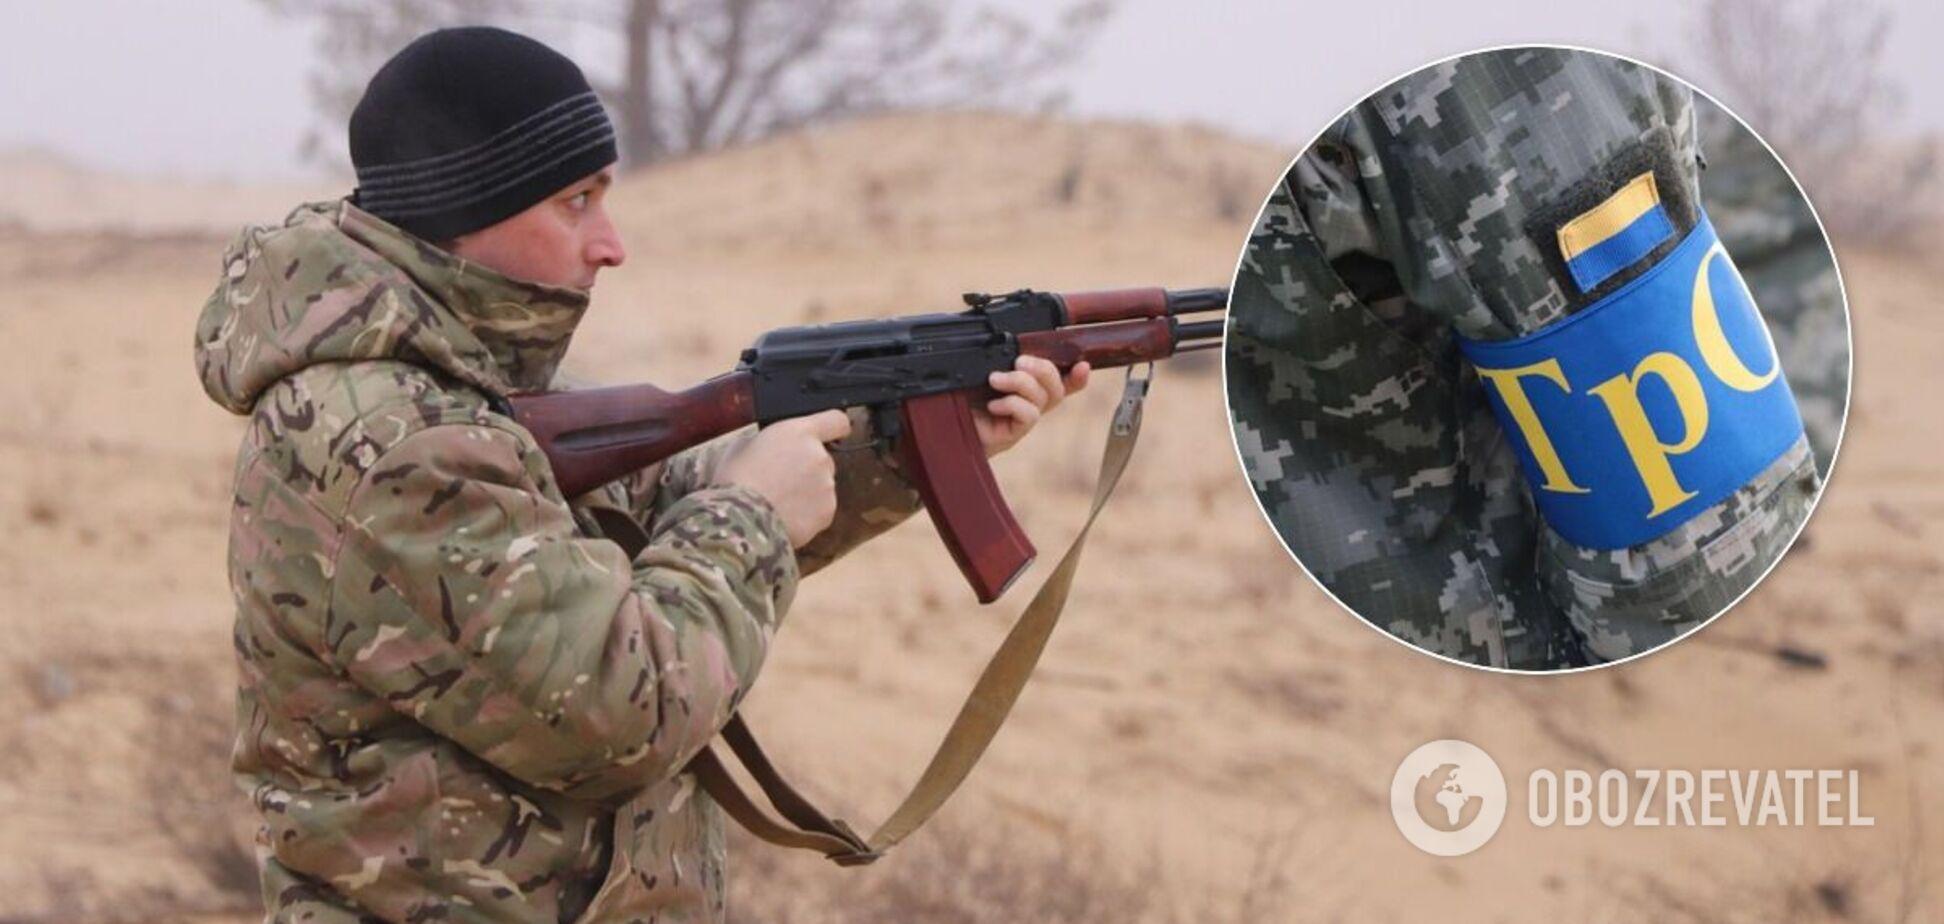 Украинцам хотят раздать стрелковое оружие для хранения дома